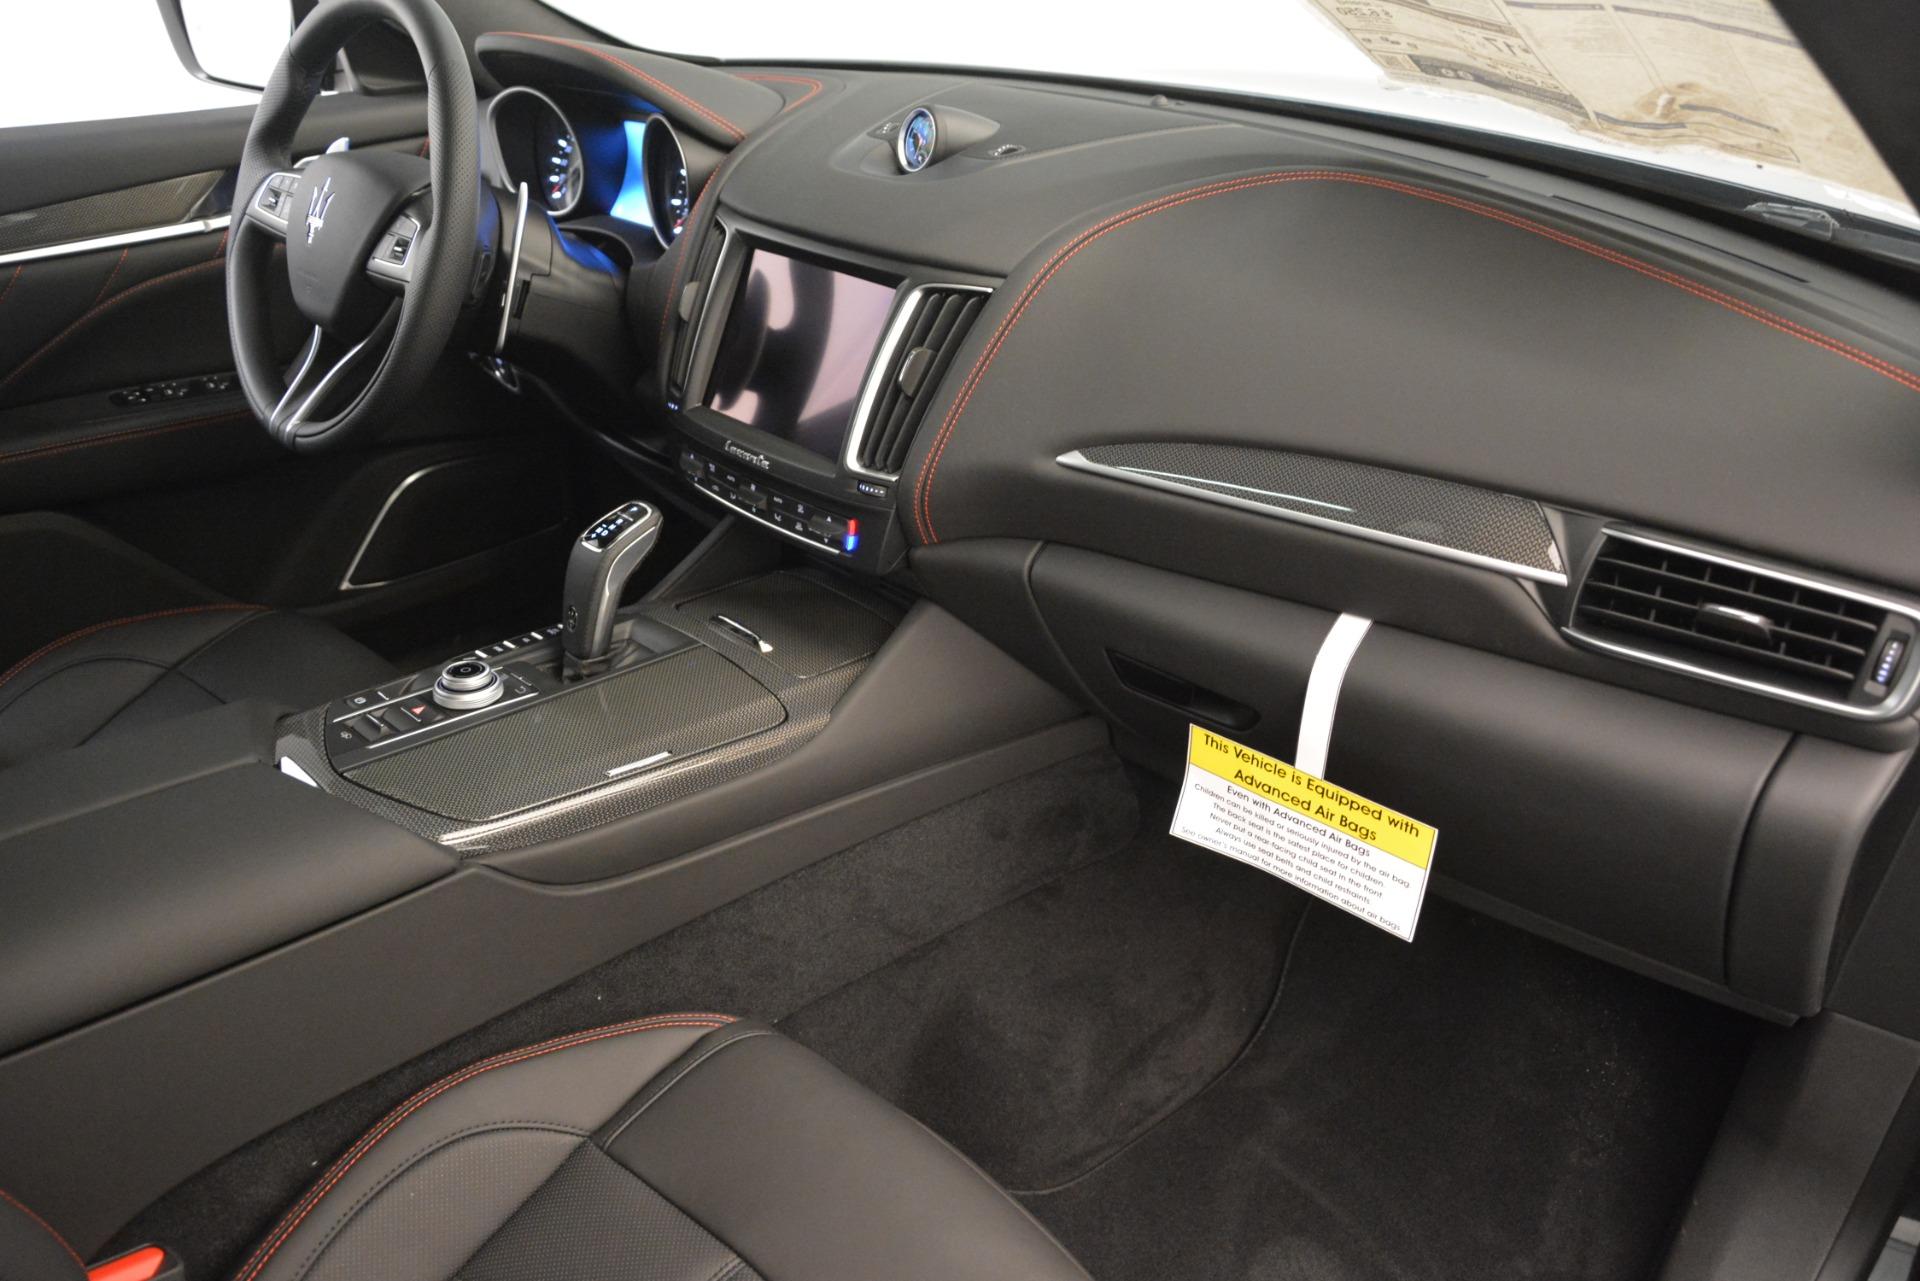 New 2019 Maserati Levante SQ4 GranSport Nerissimo For Sale In Greenwich, CT 3199_p22